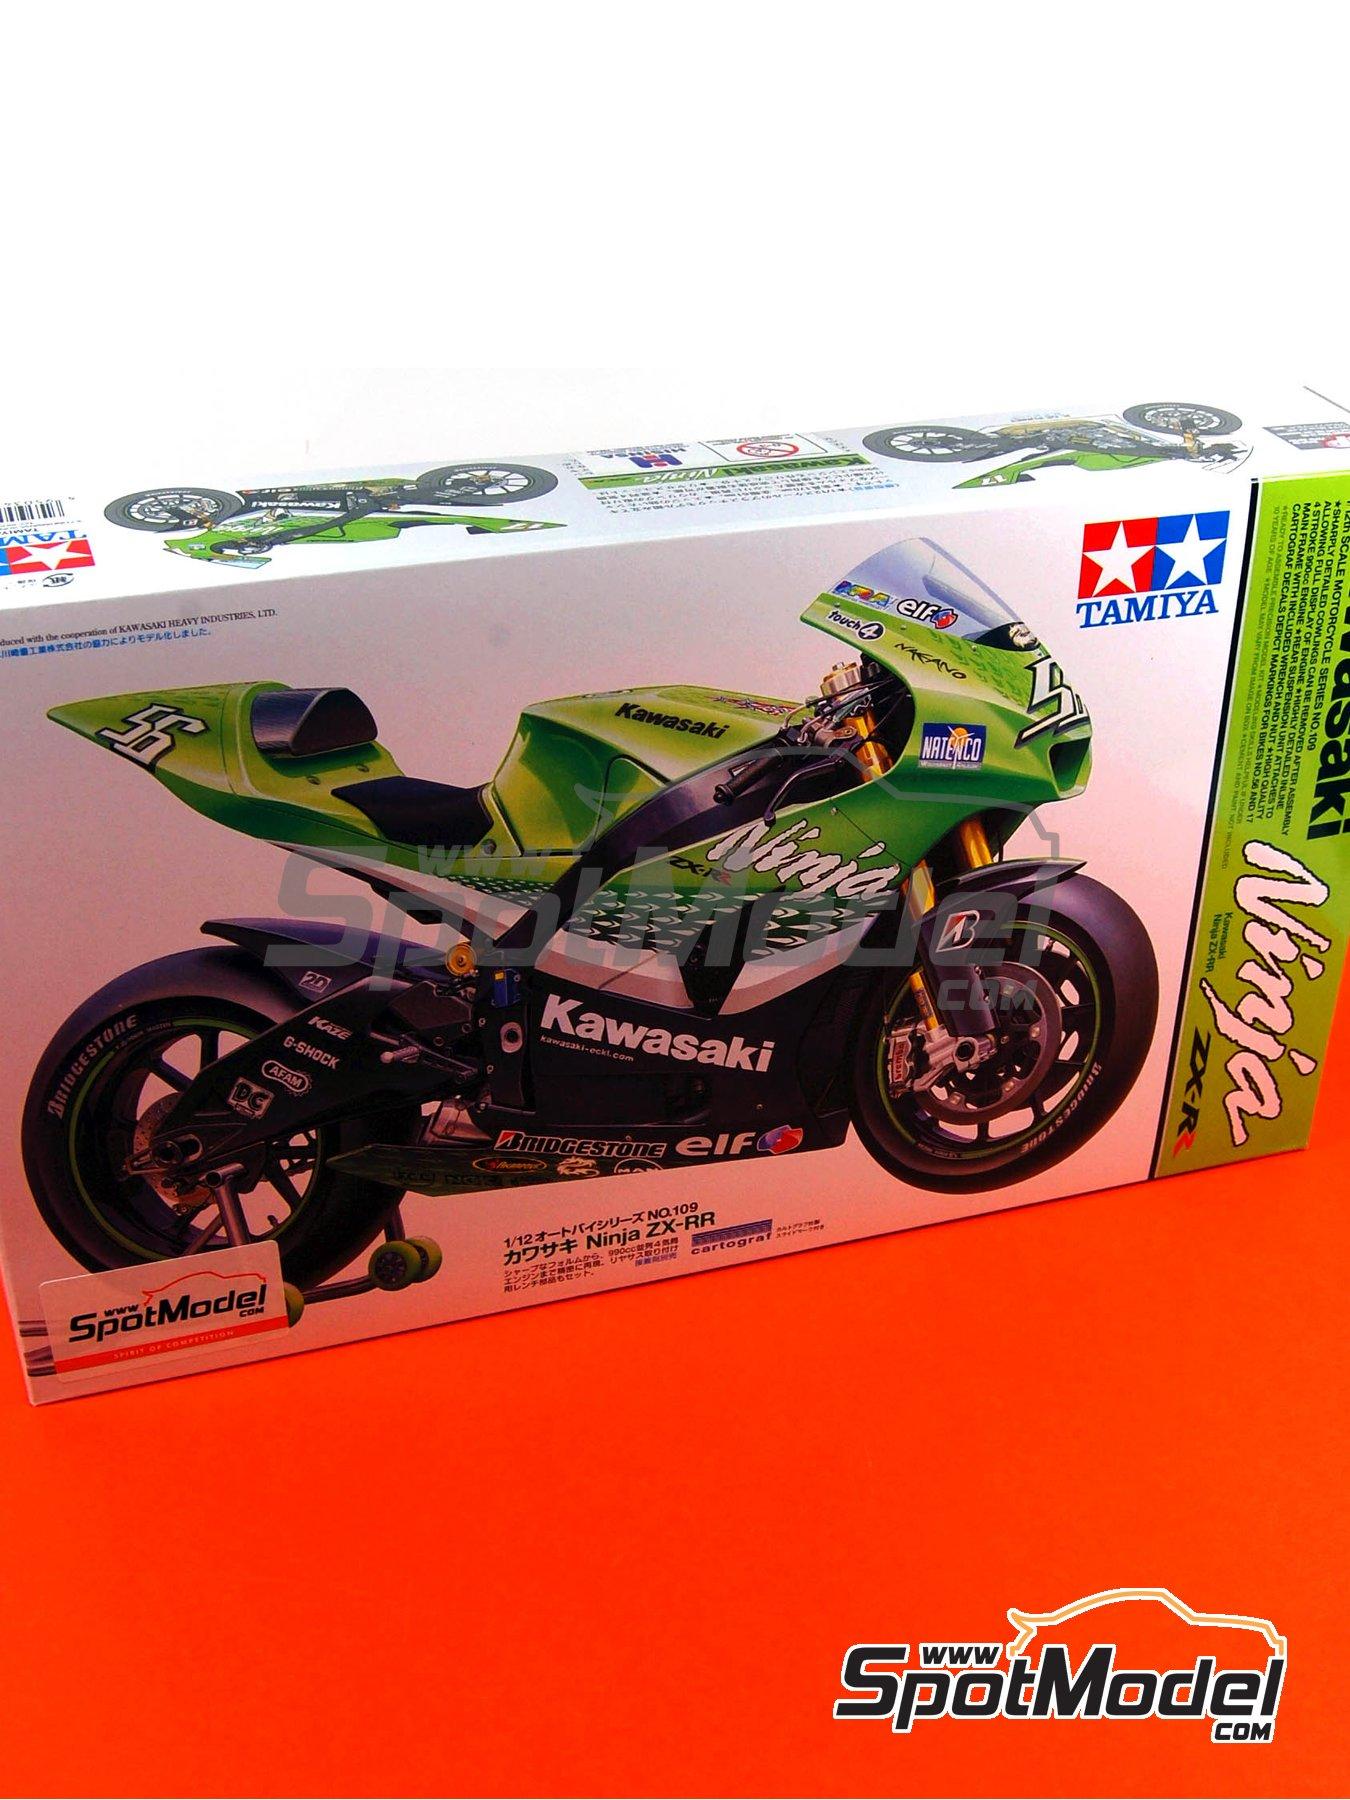 Kawasaki Ninja ZX-RR - Campeonato del Mundo de Motociclismo 2006   Maqueta de moto en escala1/12 fabricado por Tamiya (ref.TAM14109, tambien 14109) image